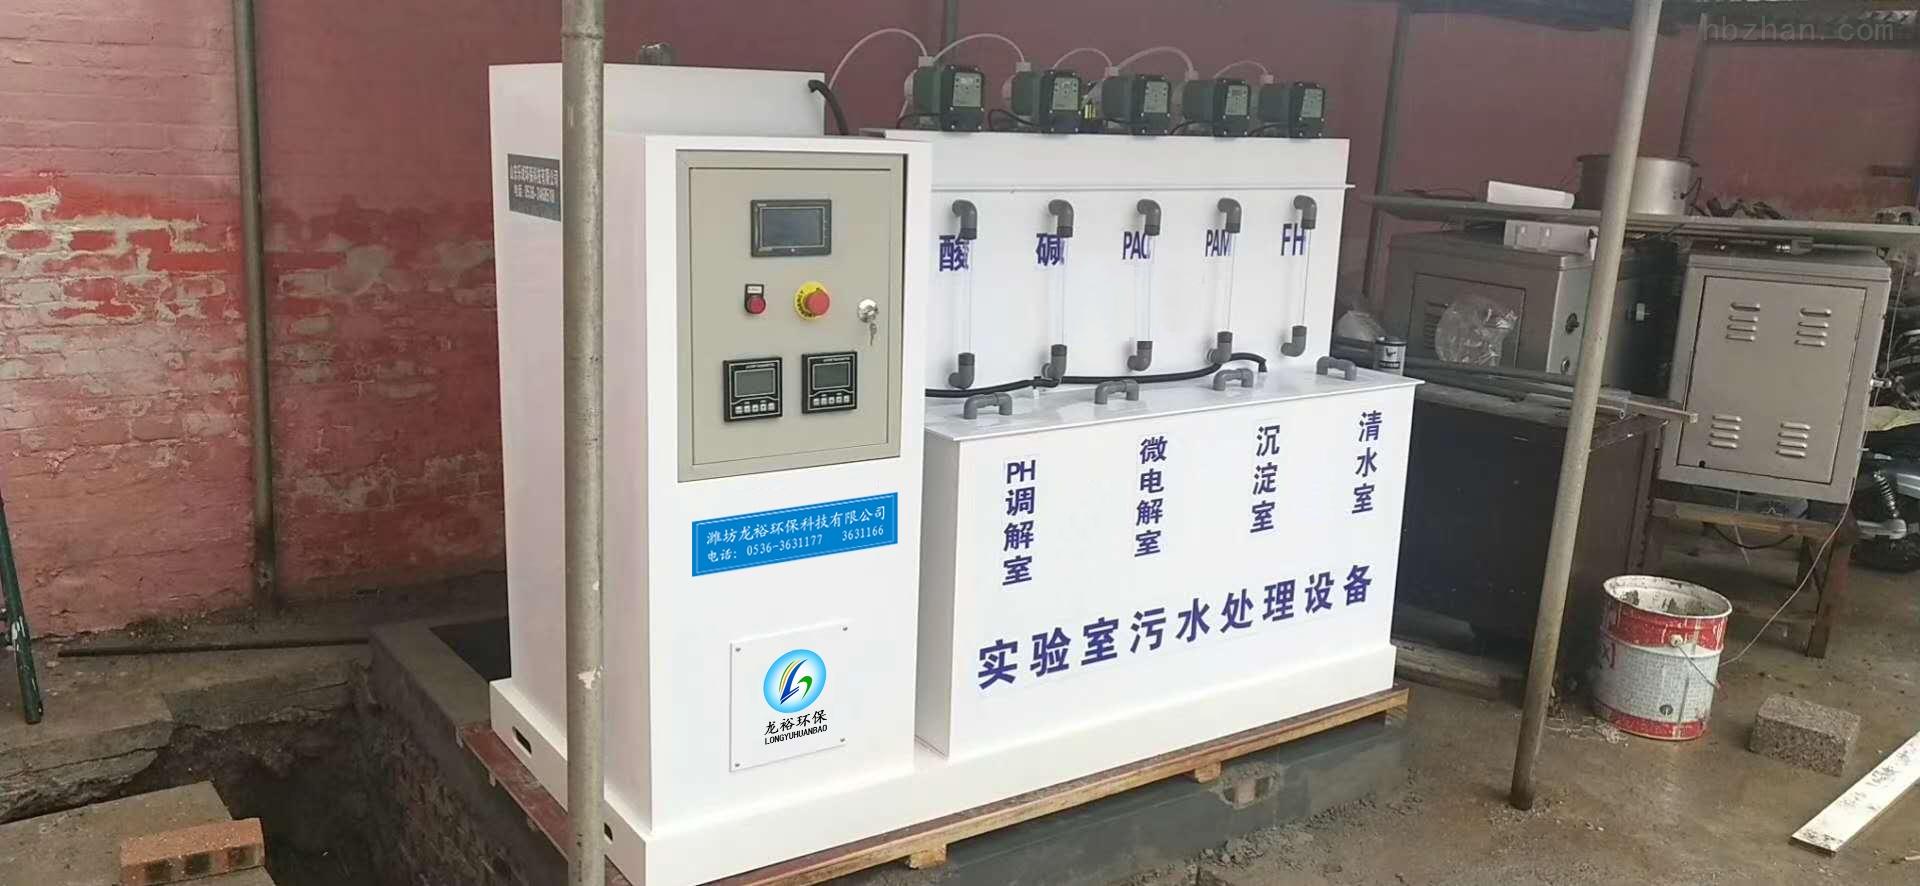 通辽疾控中心实验室污水处理设备